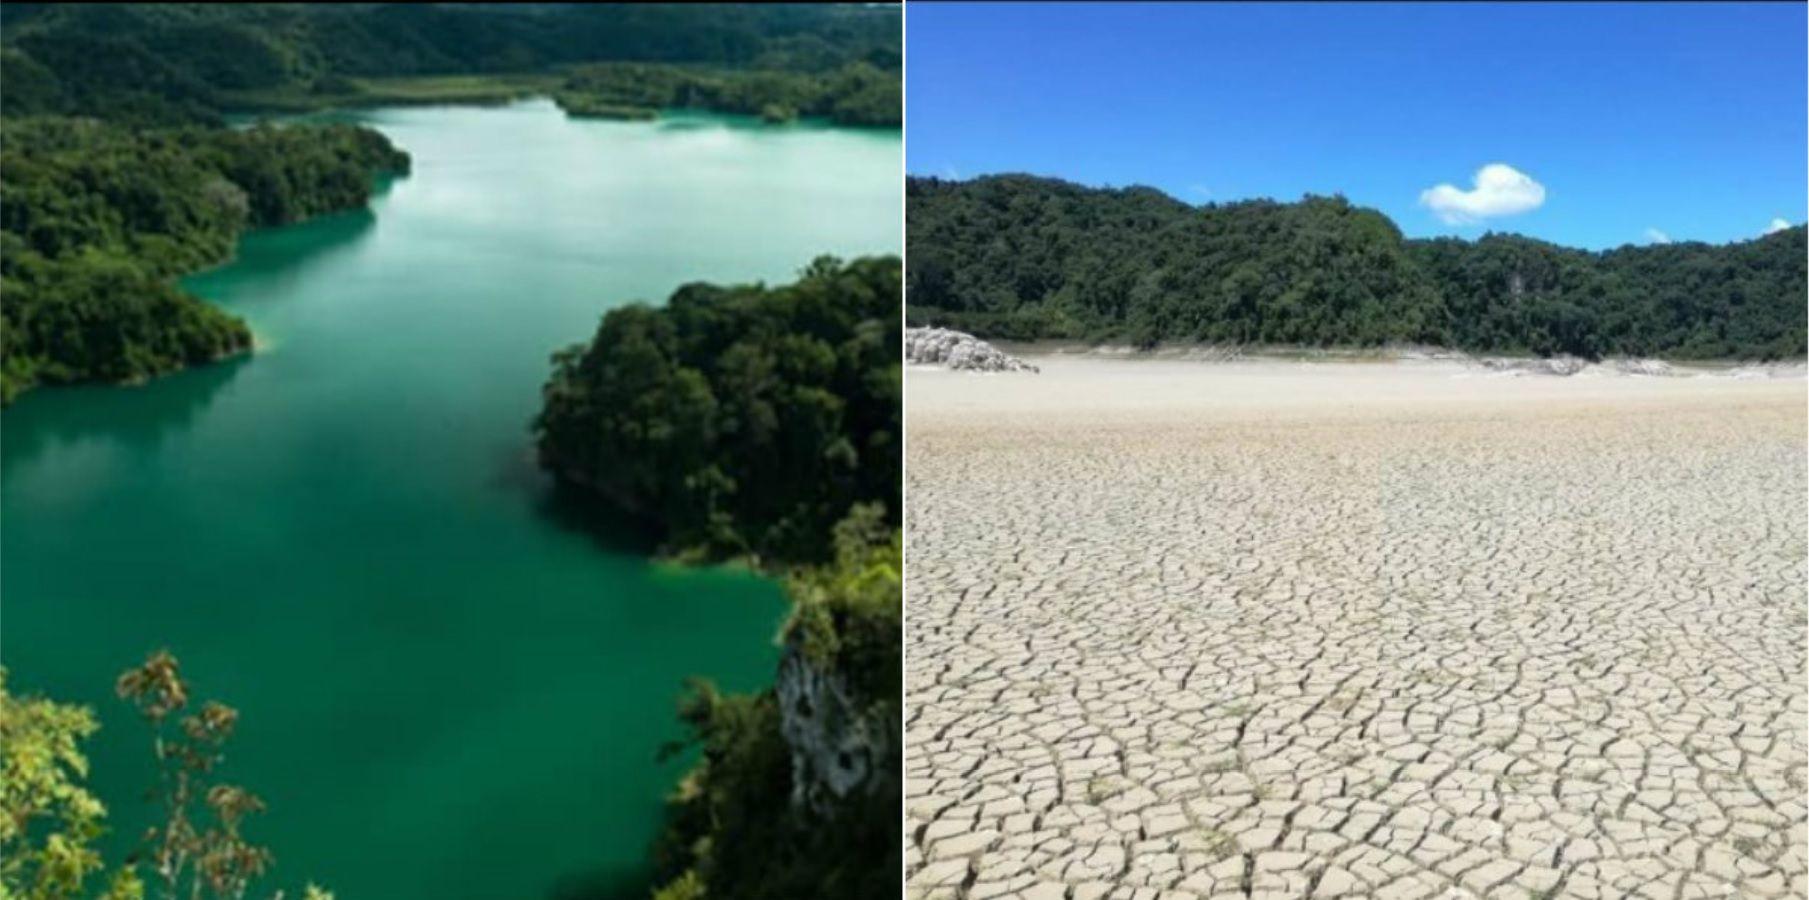 Metzabok antes y después de la atípica sequía Foto: Facebook Damián Sánchez